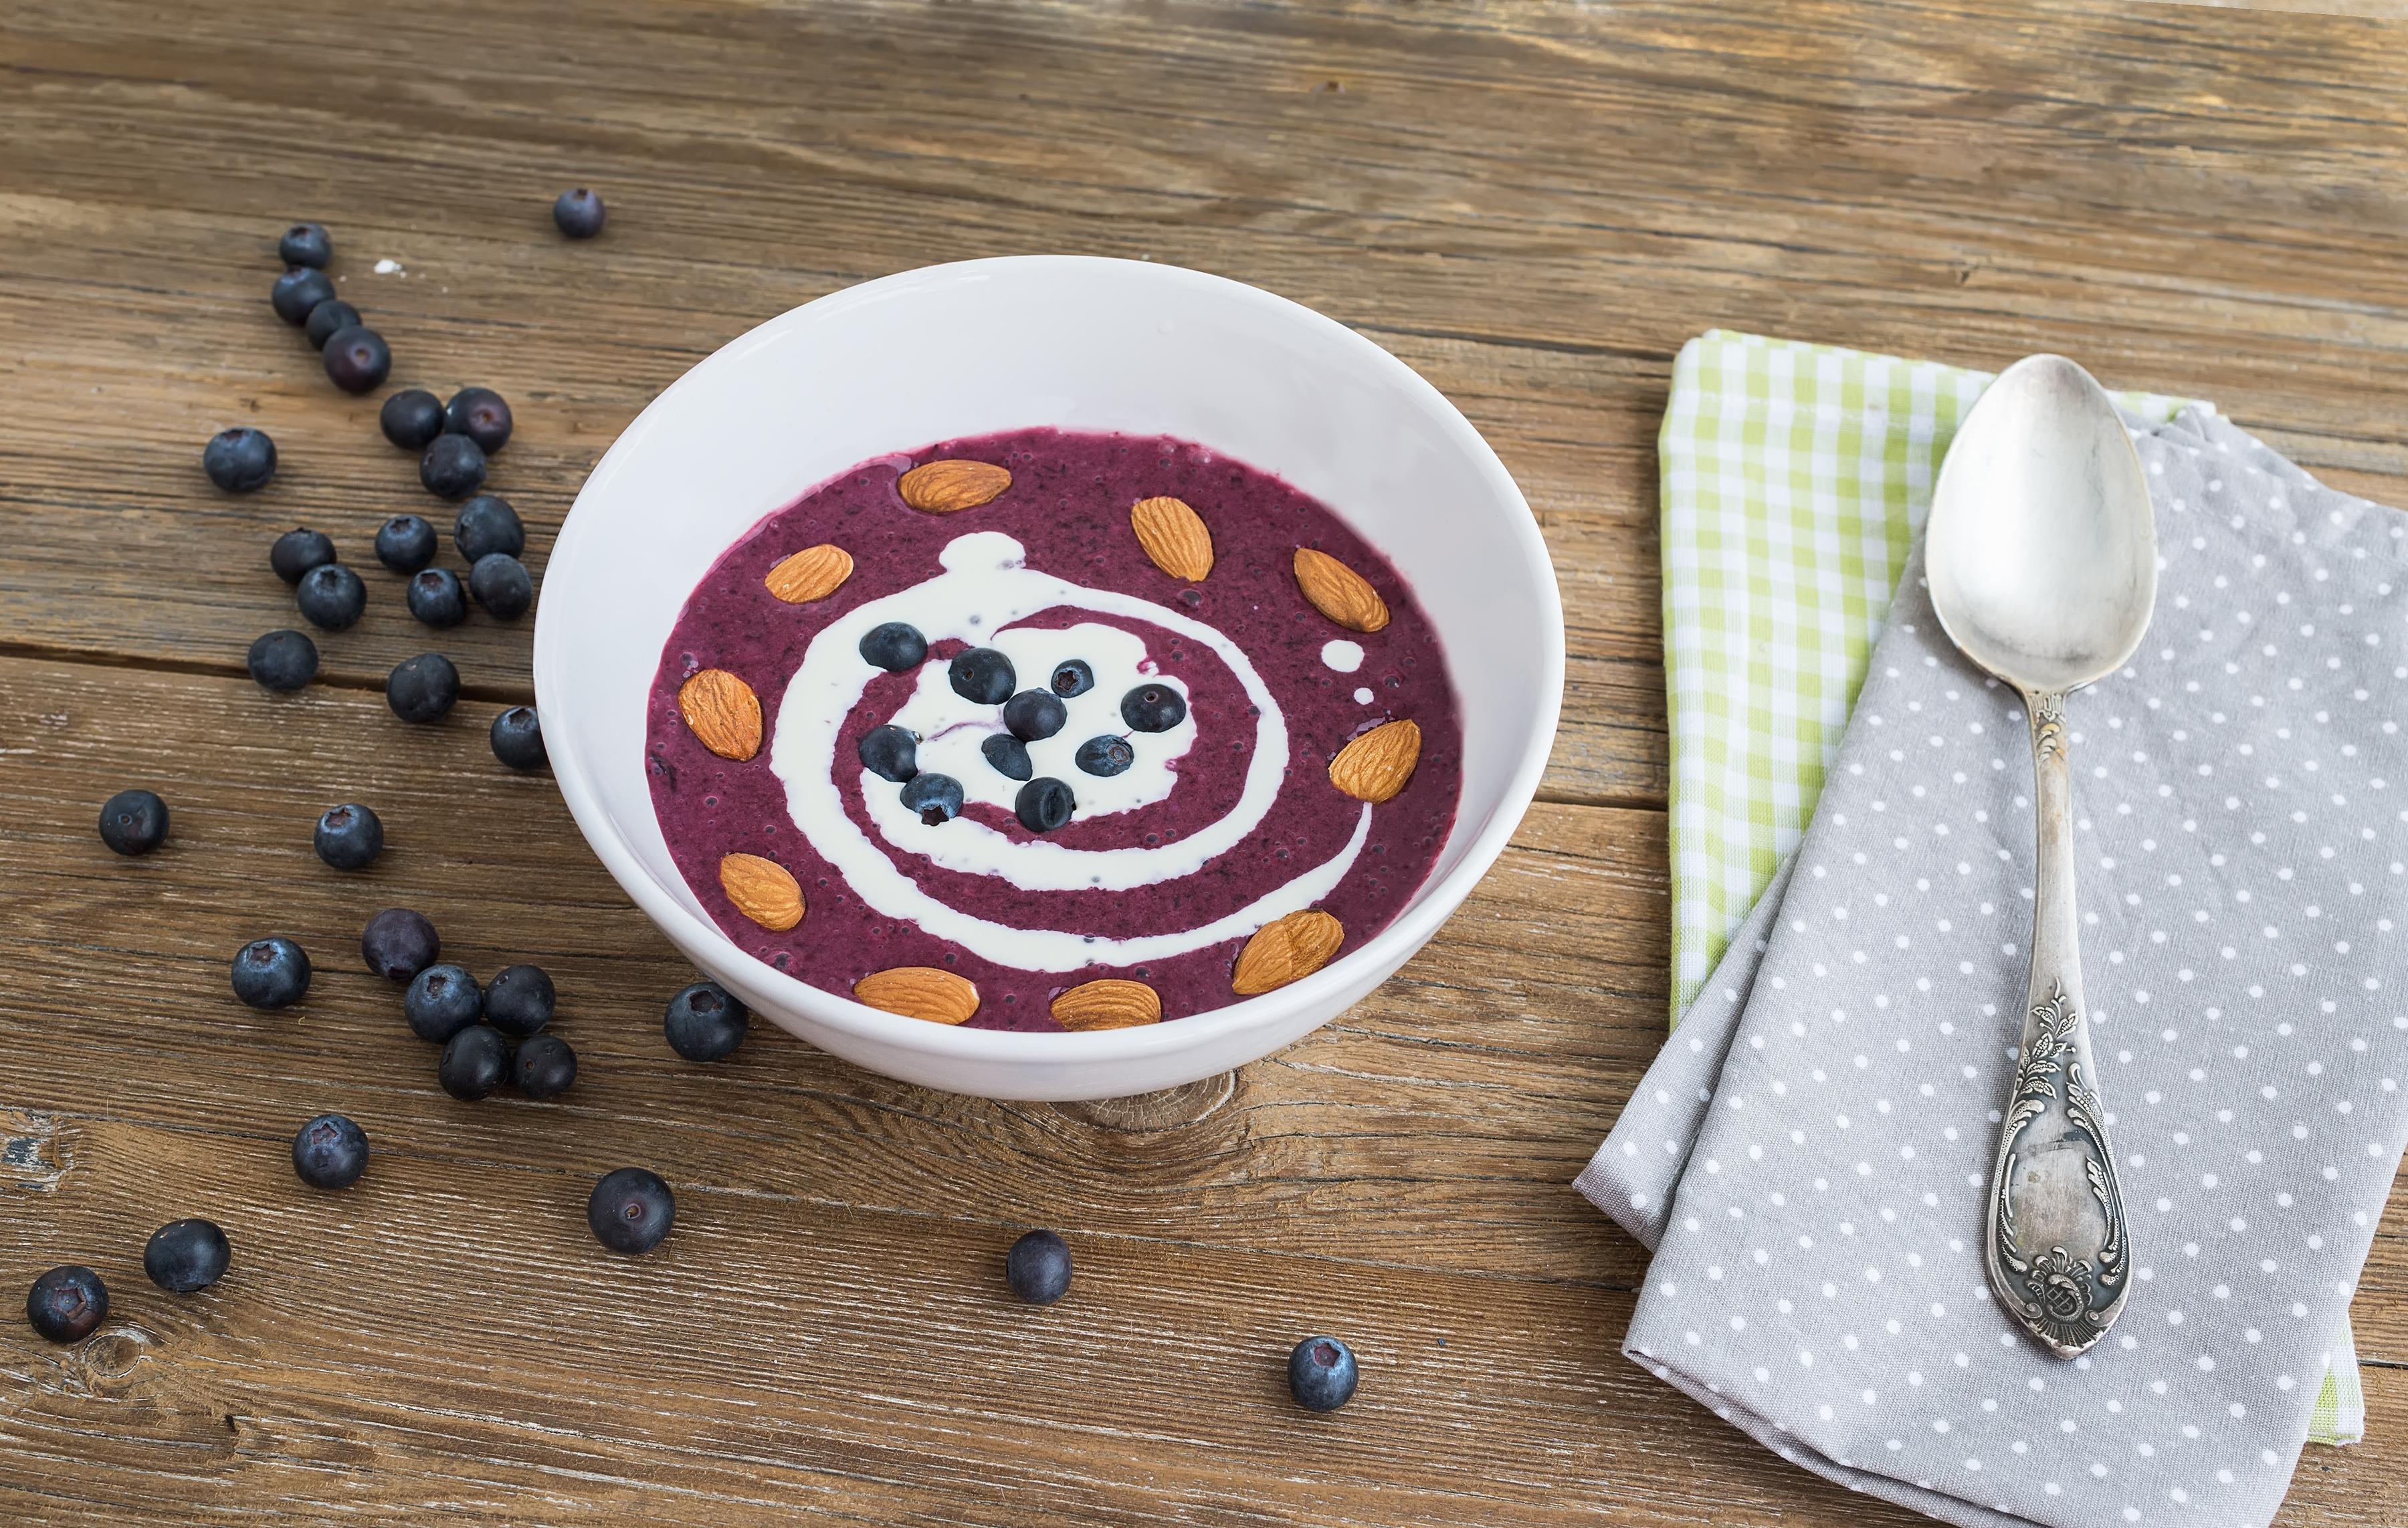 shutterstock_225978031 blåbärssoppa mat för skidbacken soppa blåbär mellanmål.jpg